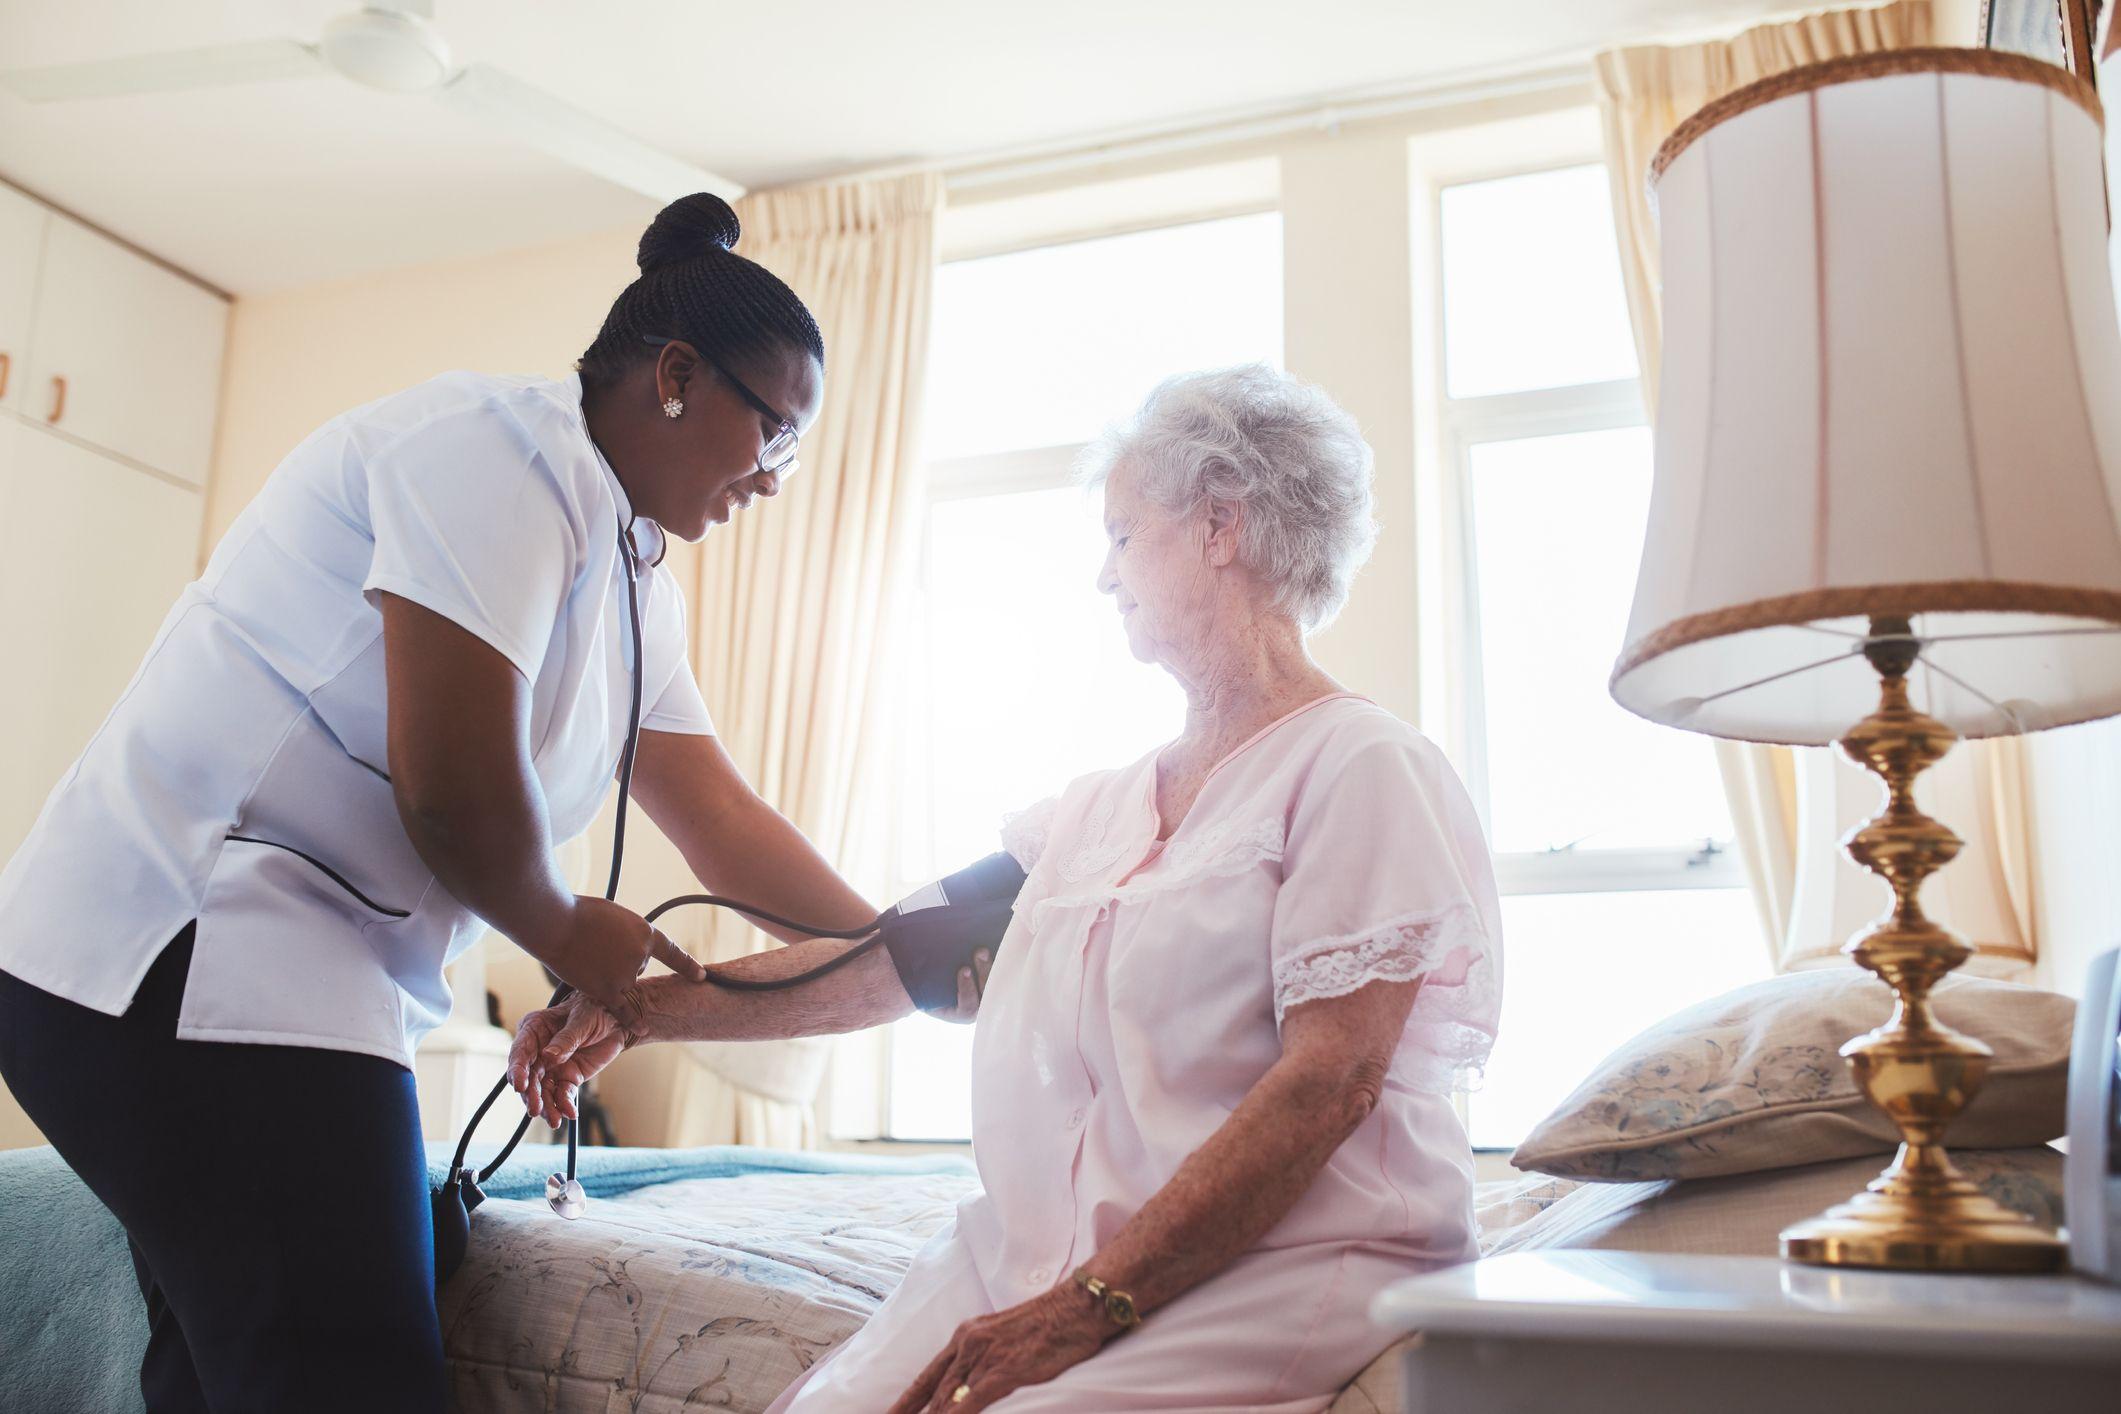 Nurse checking elderly patient's blood pressure